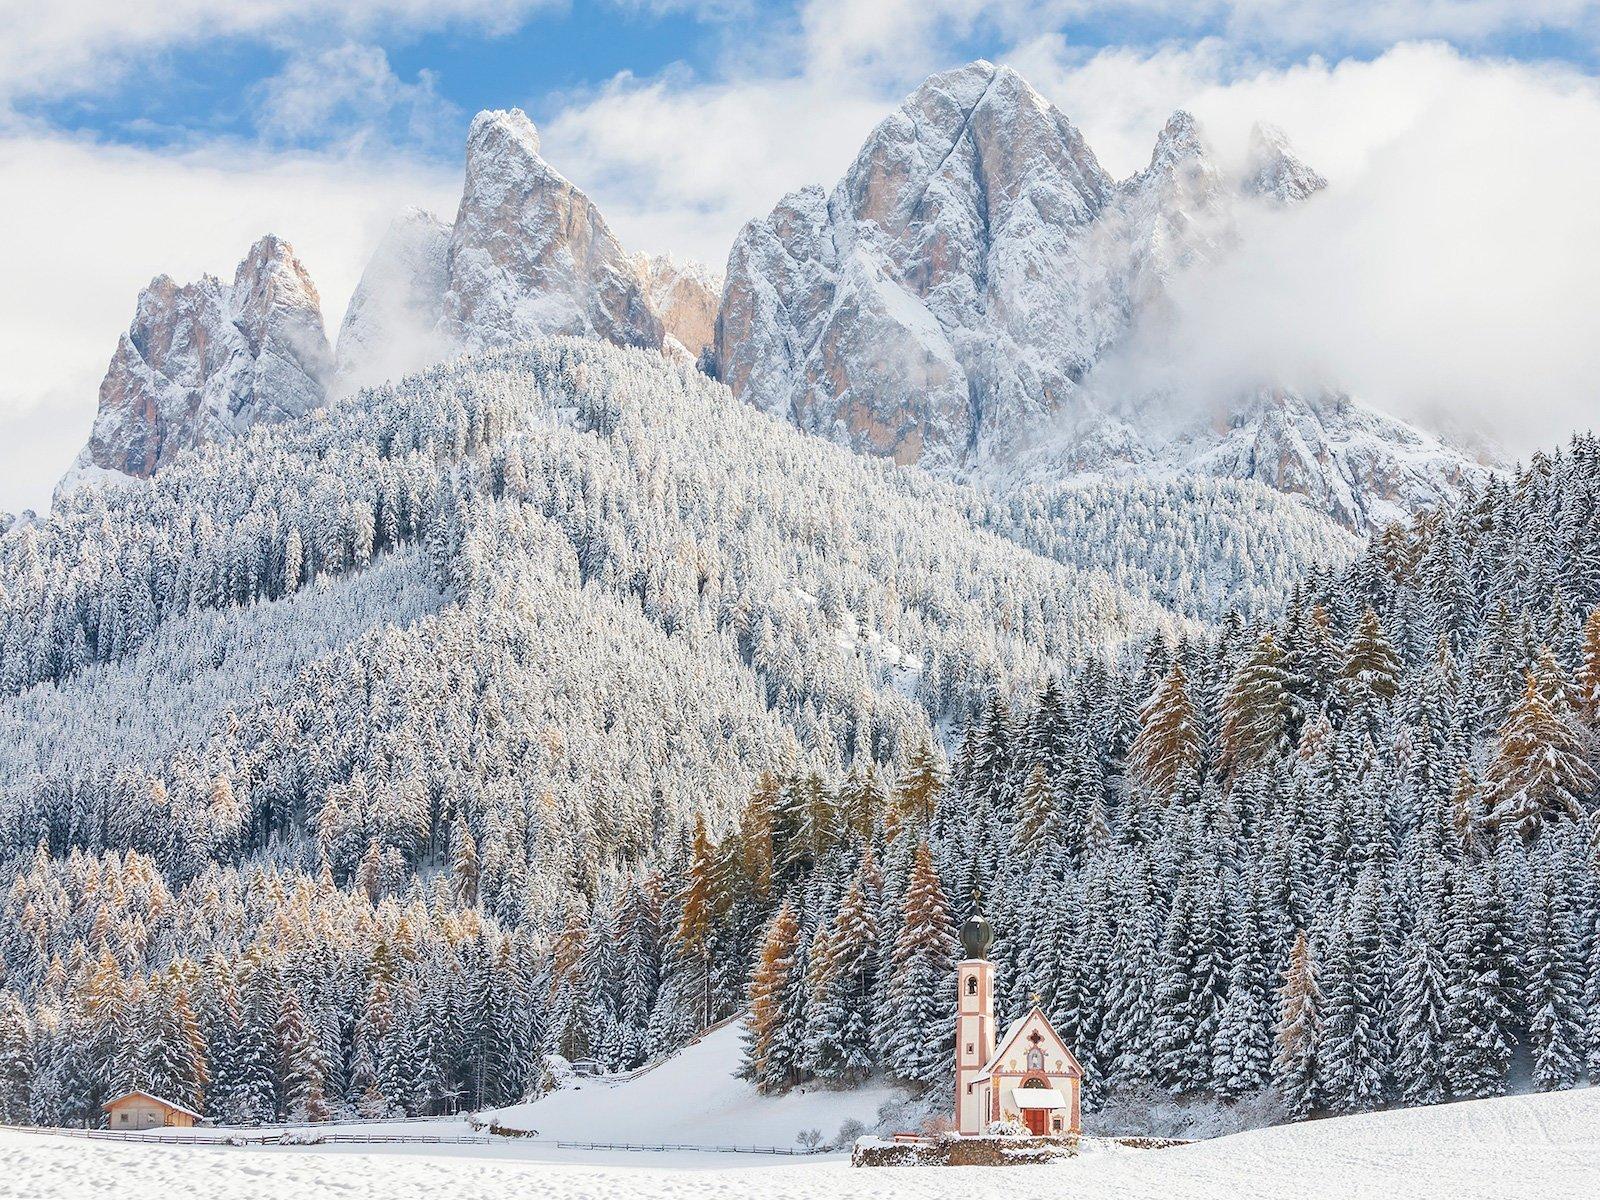 Природный парк Пуэц-Гейслер, Италия красивые места, мир, природа, путешествия, сказка